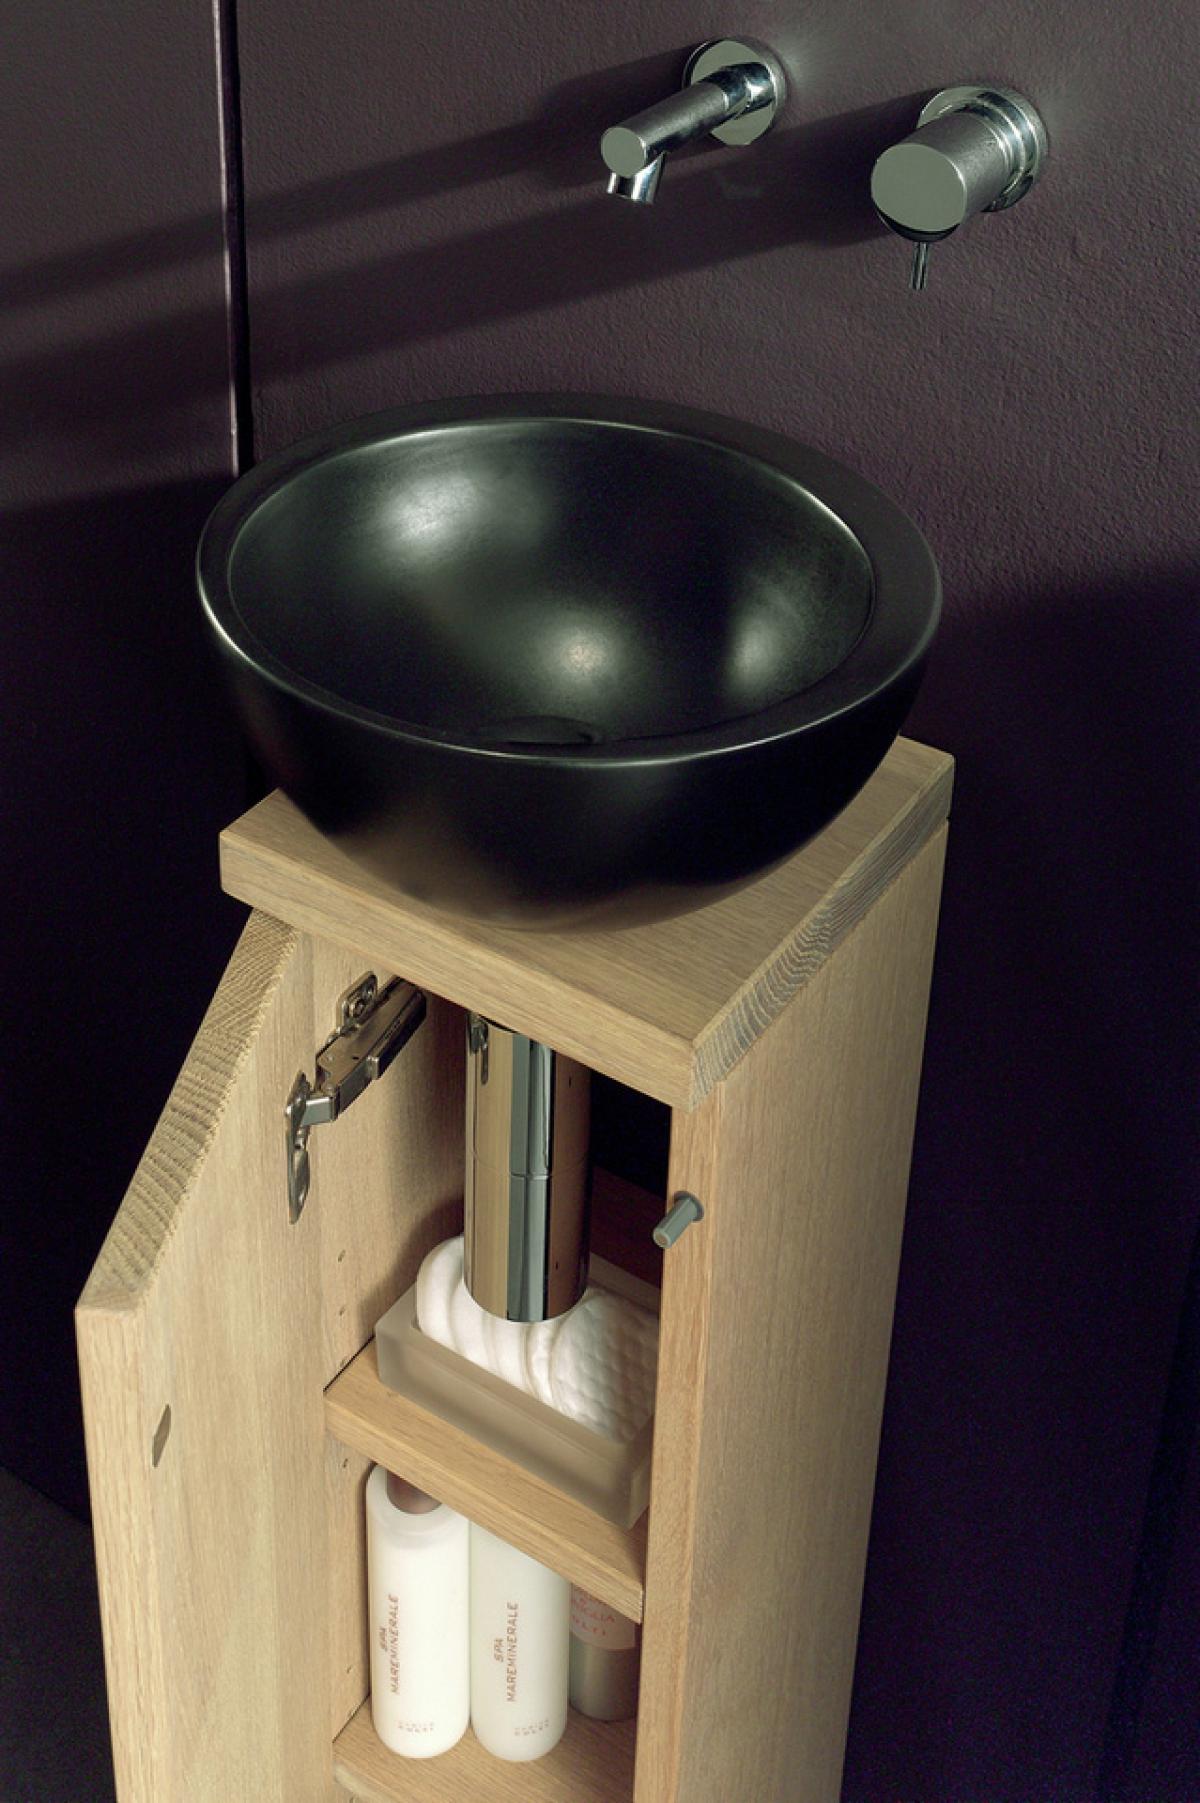 ensemble lave mains et miroir totem f f induscabel salle de bains chauffage et cuisine. Black Bedroom Furniture Sets. Home Design Ideas